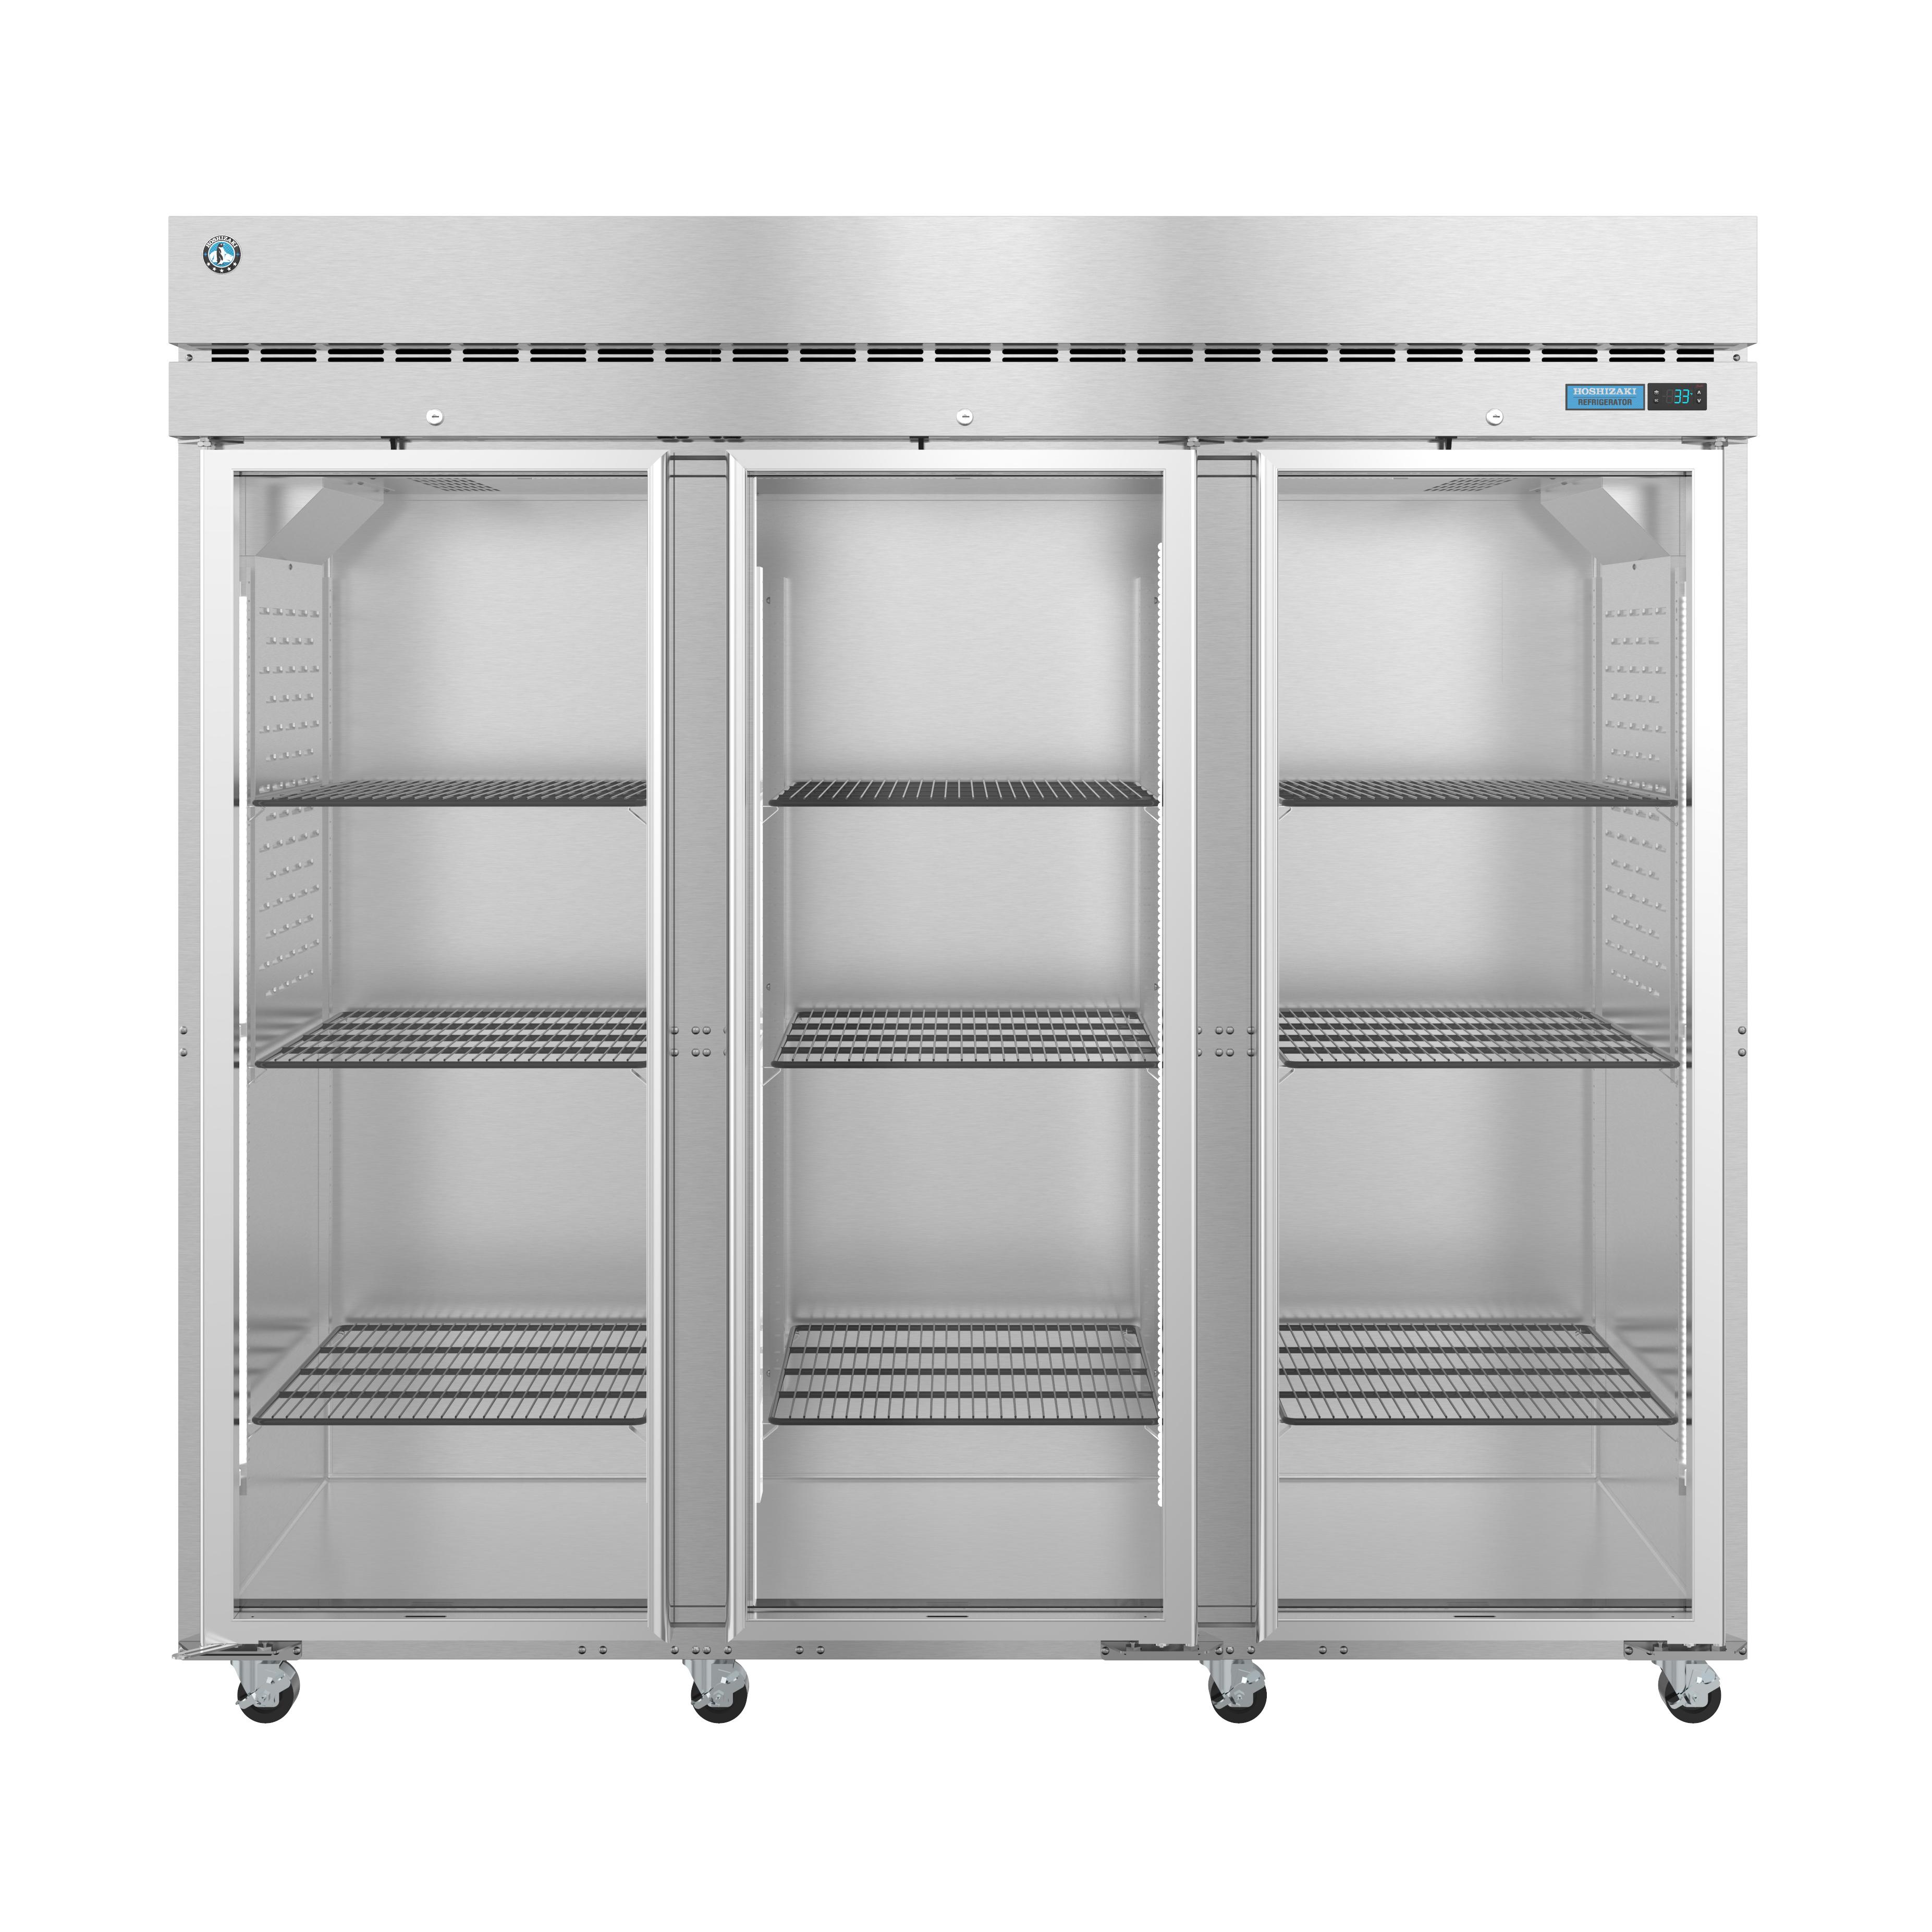 Hoshizaki R3A-FG refrigerator, reach-in